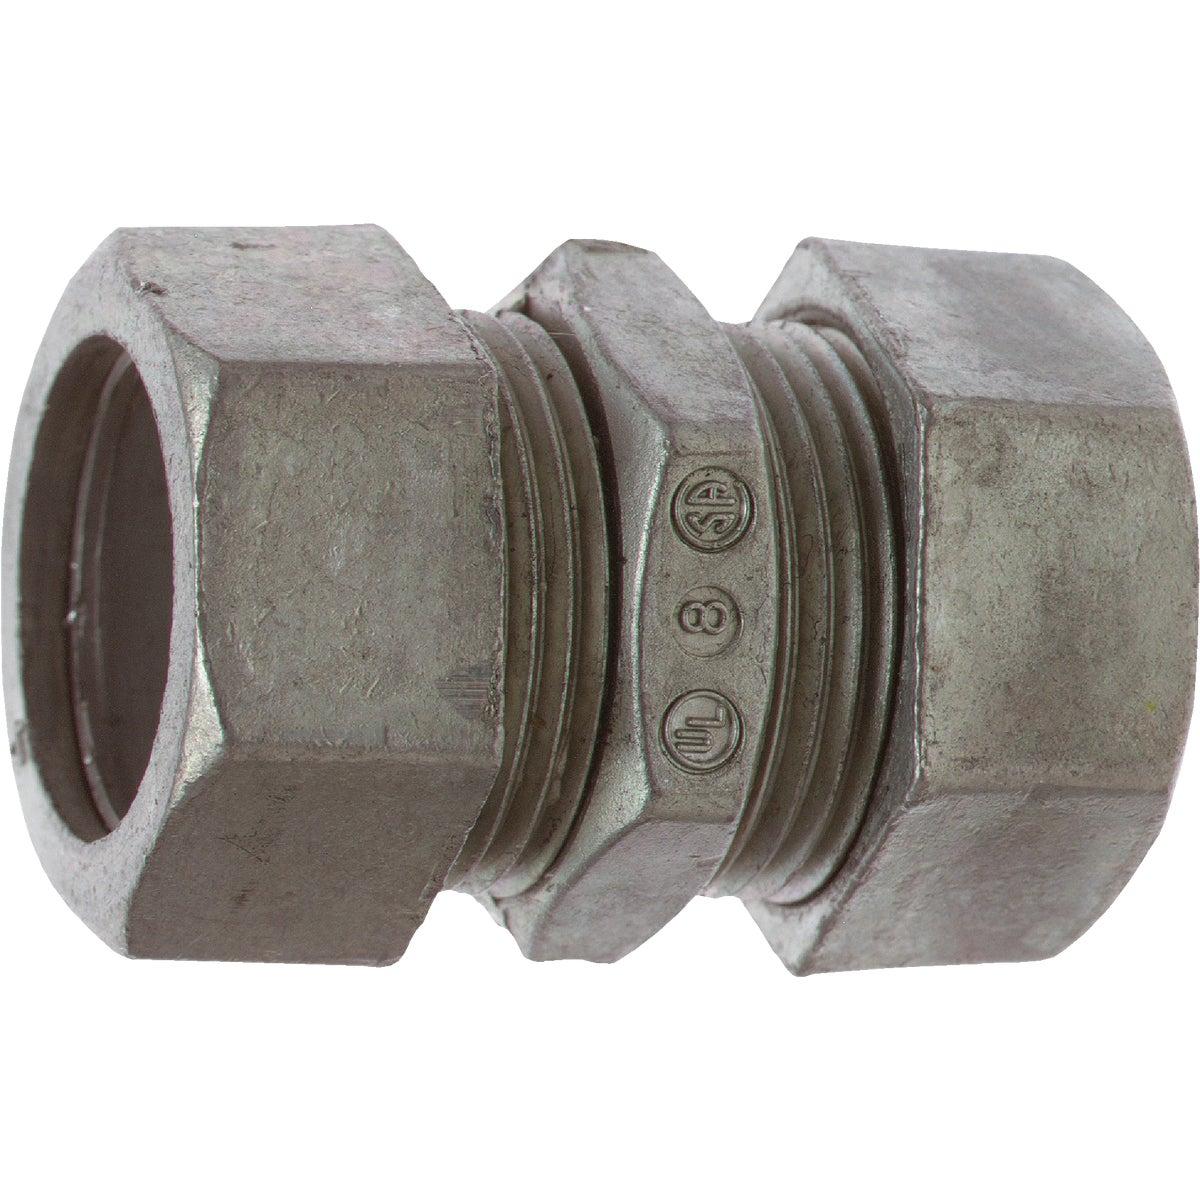 Steel City Compression EMT Conduit Coupling